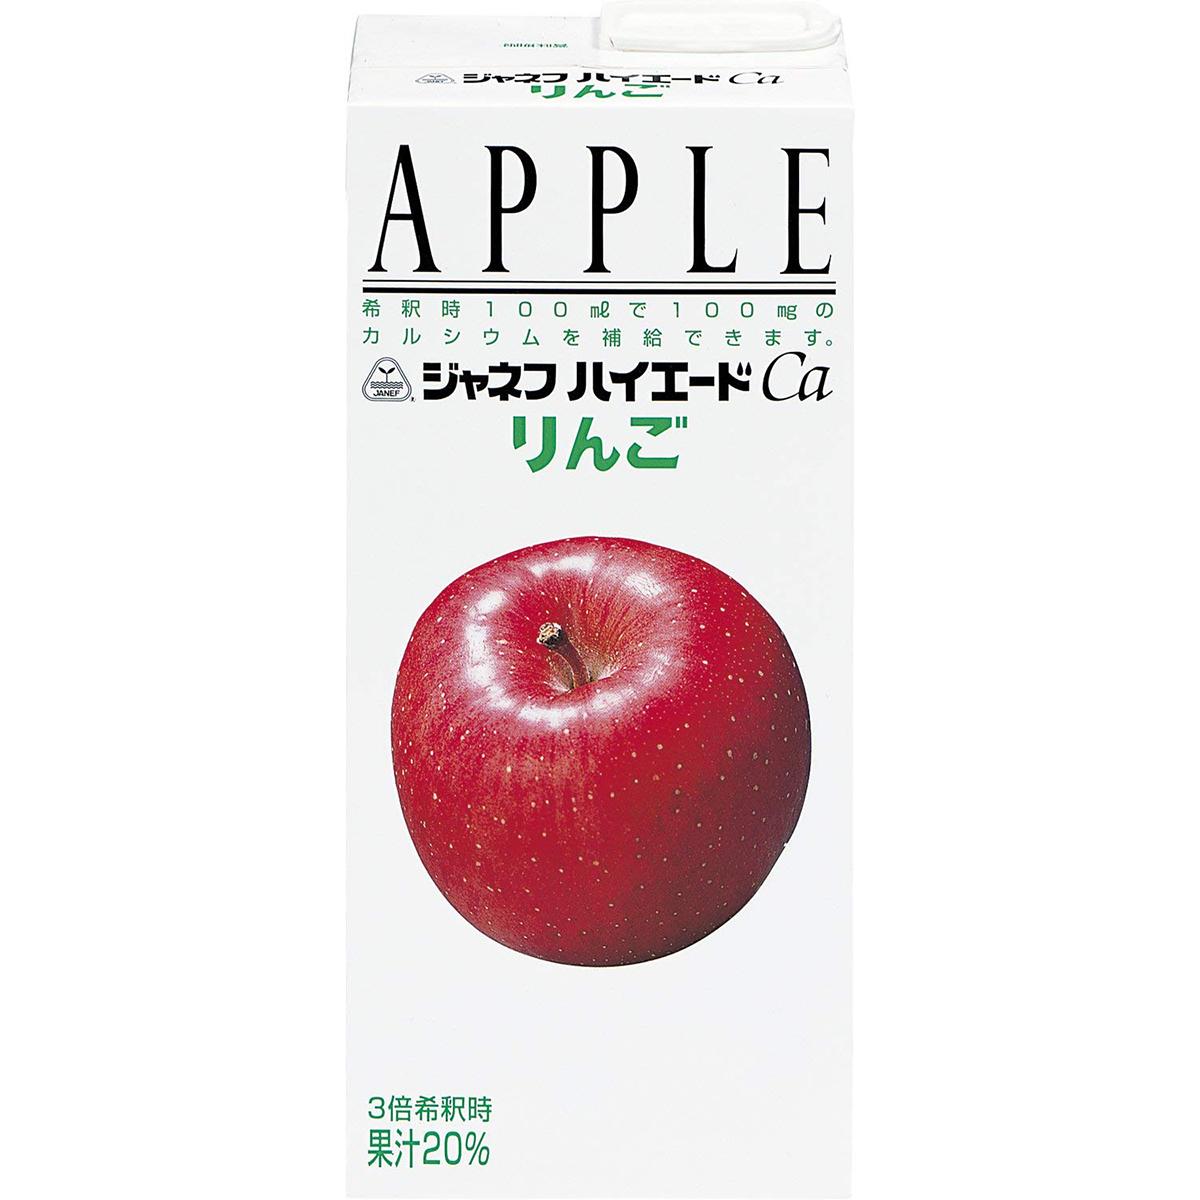 キューピージャネフハイエードCa・りんご 1L×18本セット【病態対応食:ミネラル補給食品・カルシウム】【この商品は発送までに1週間前後かかります】【ご注文後のキャンセルが出来ません】